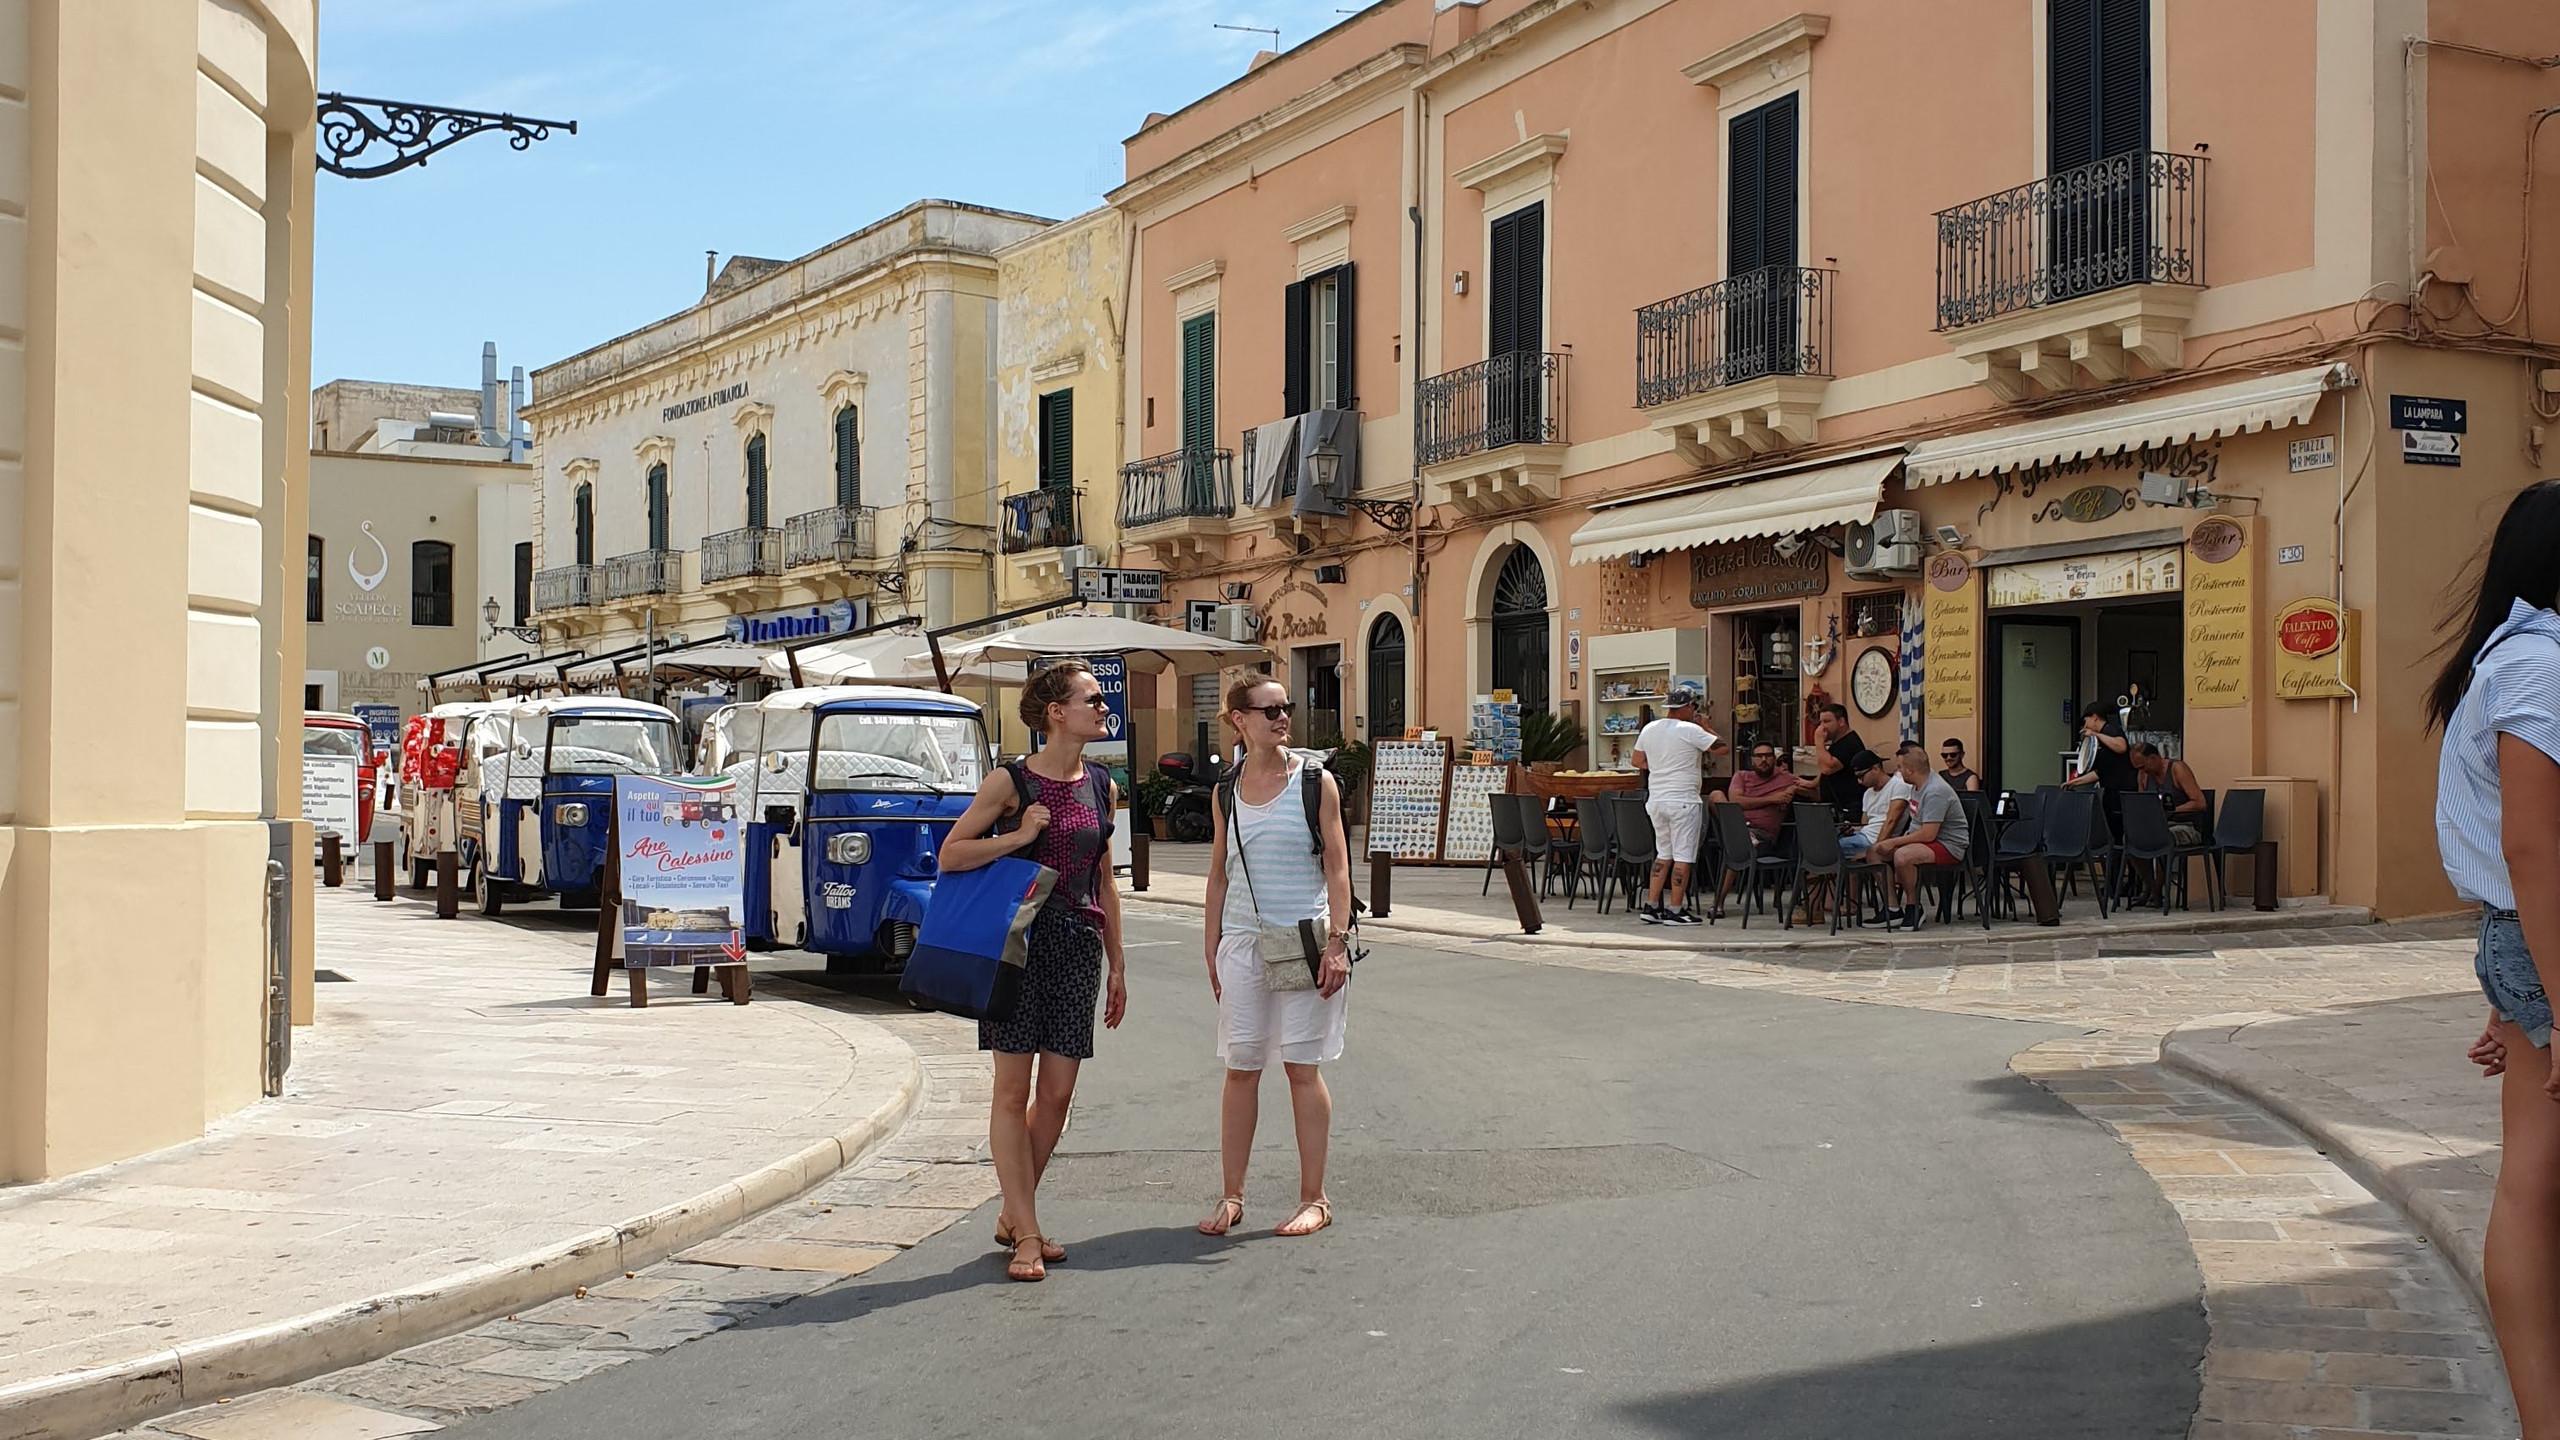 הכניסה לעיר העתיקה גליפולי, דרום איטליה